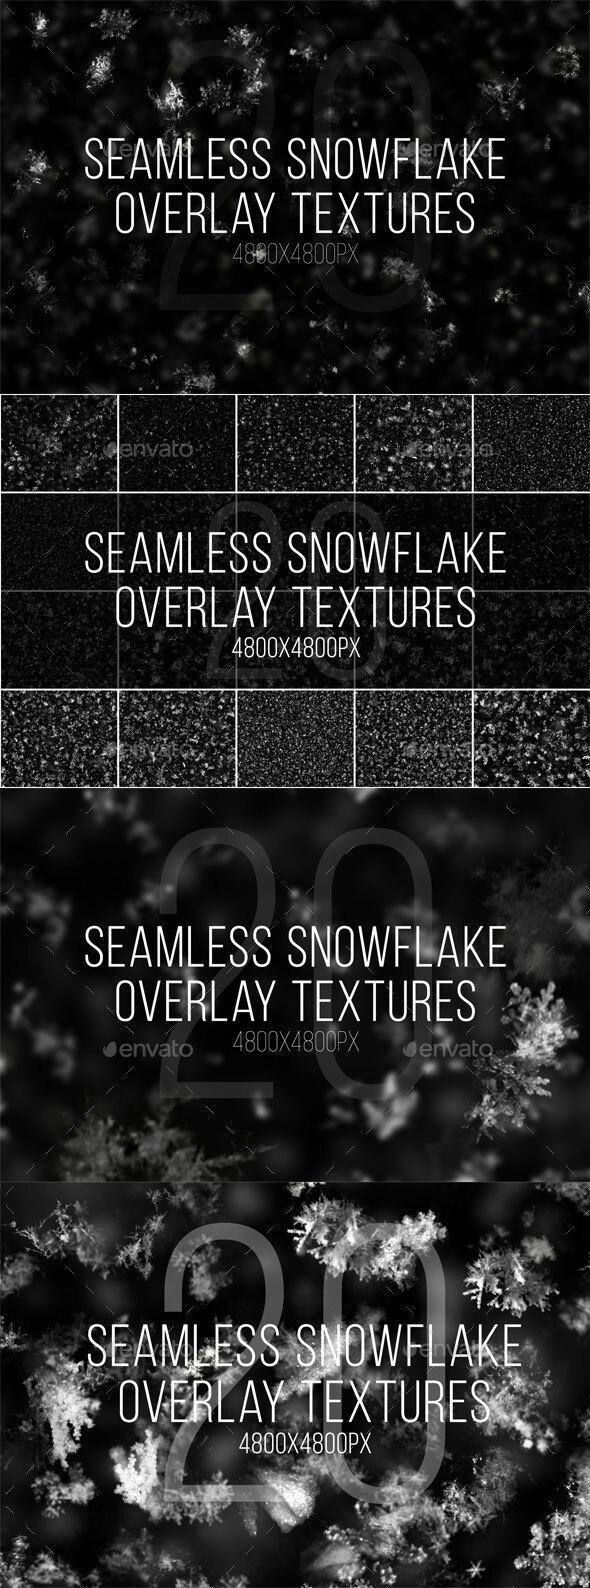 20 Seamless Snowflake Textures